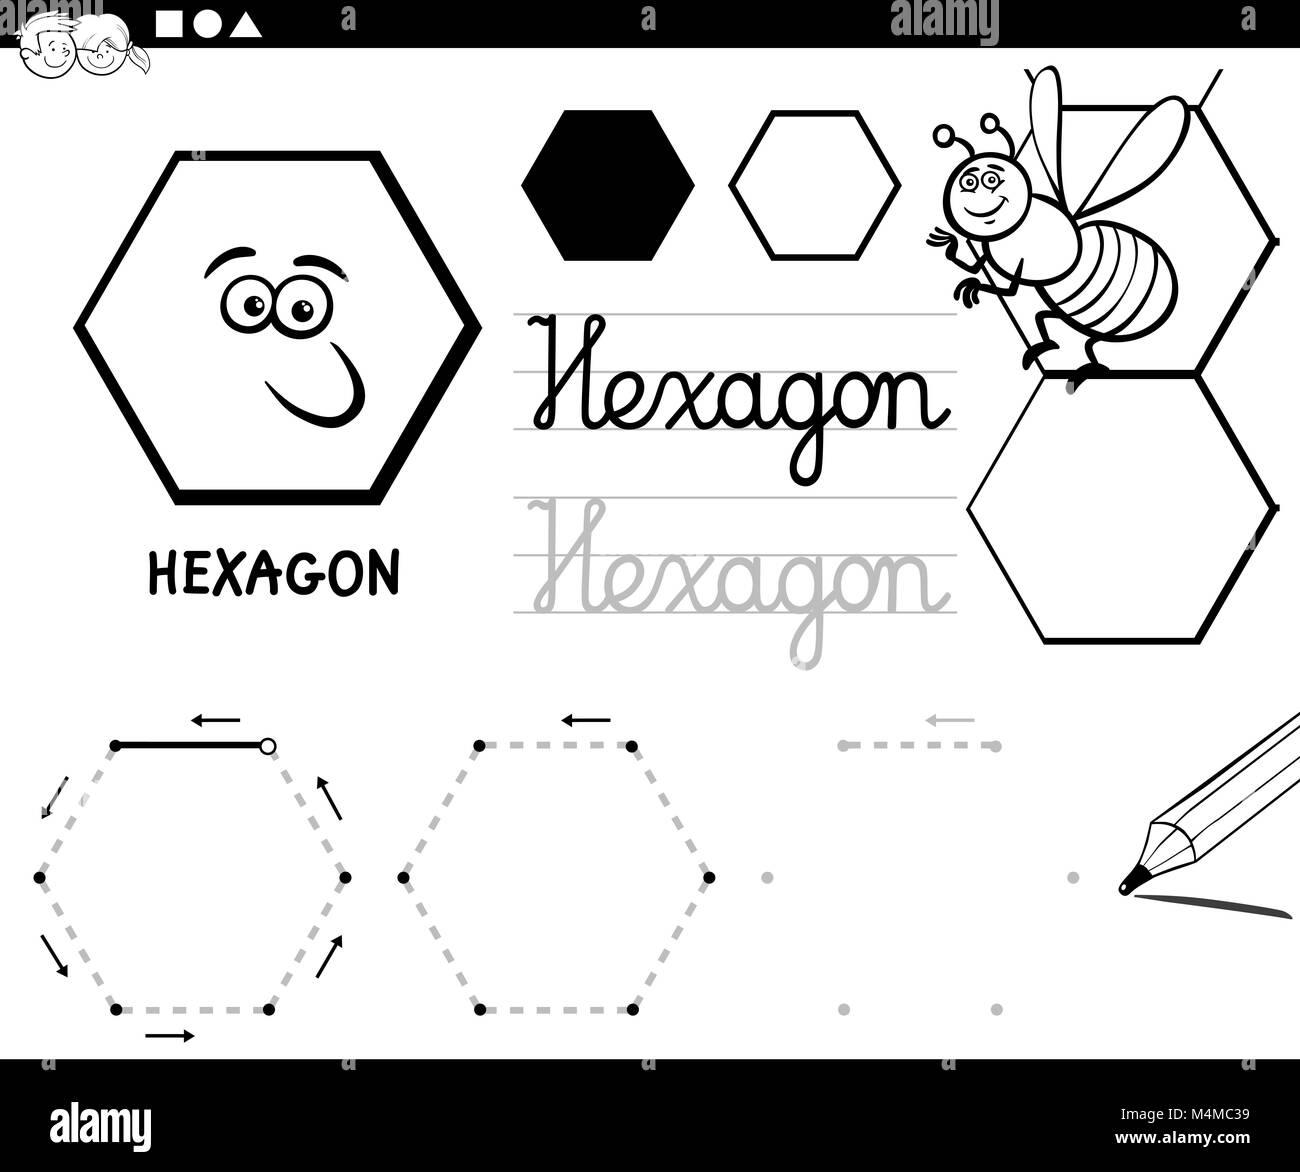 Magnífico Páginas Geométricas Gratis Para Colorear Galería - Ideas ...